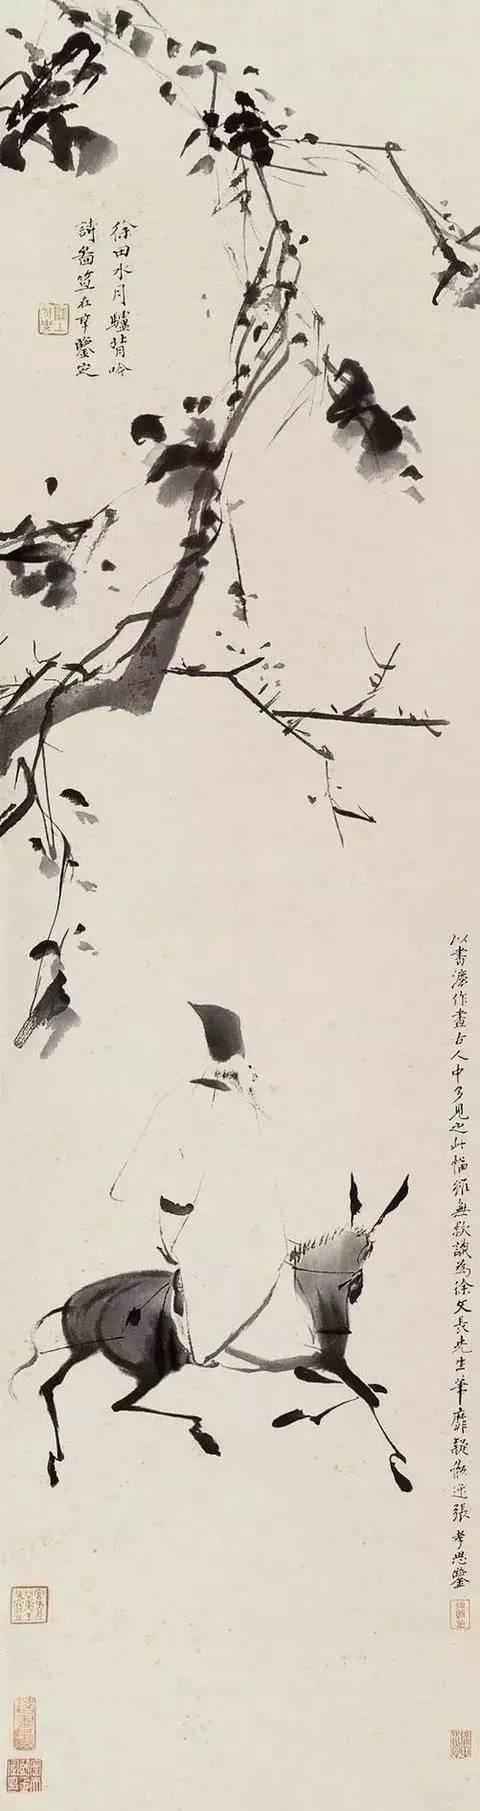 明·徐渭《驴背吟诗图》轴高清鉴赏